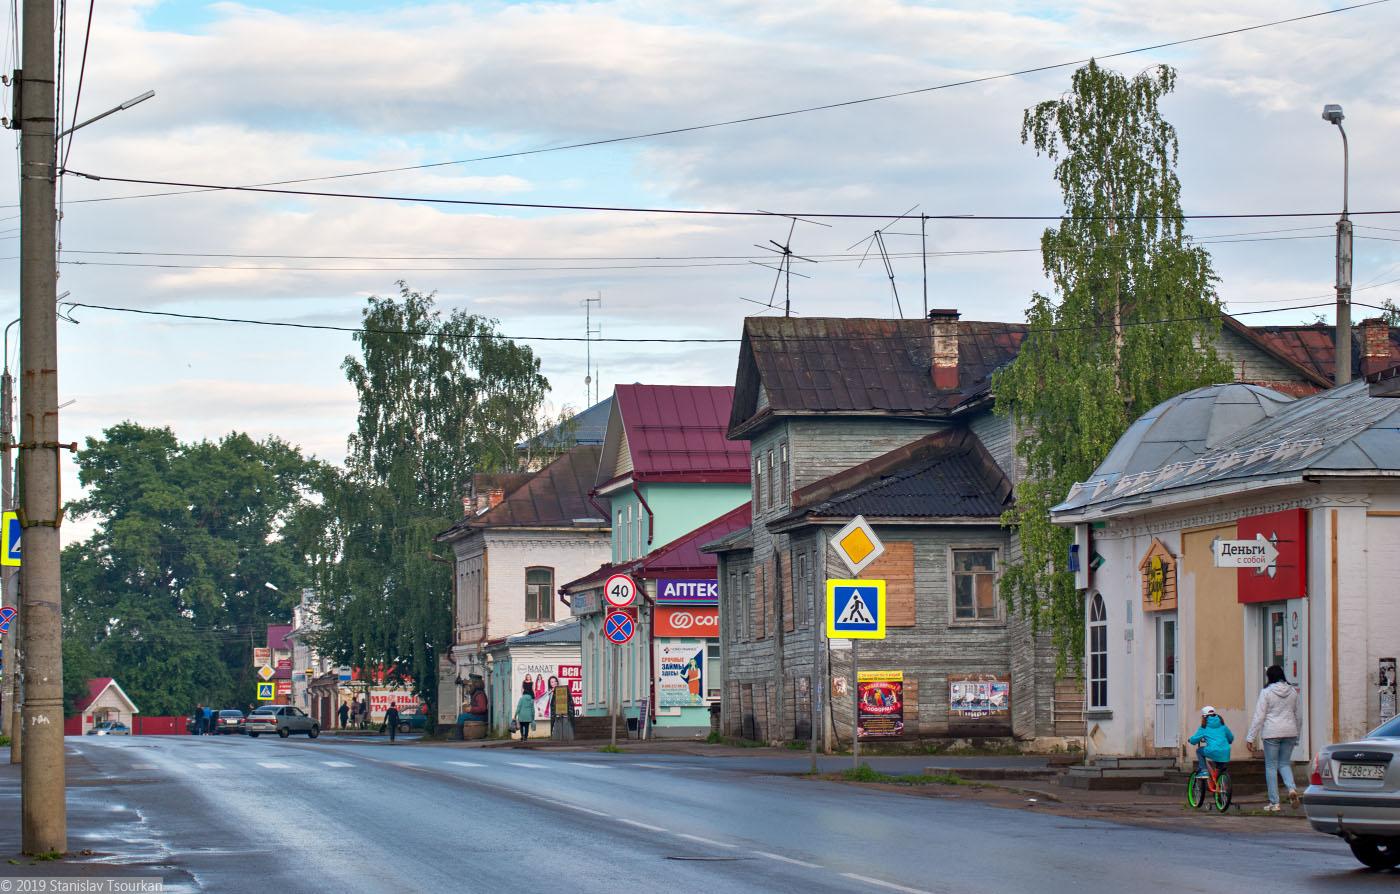 Вологодская область, Вологодчина, Великий Устюг, Русский север, Красная улица, Советский проспект